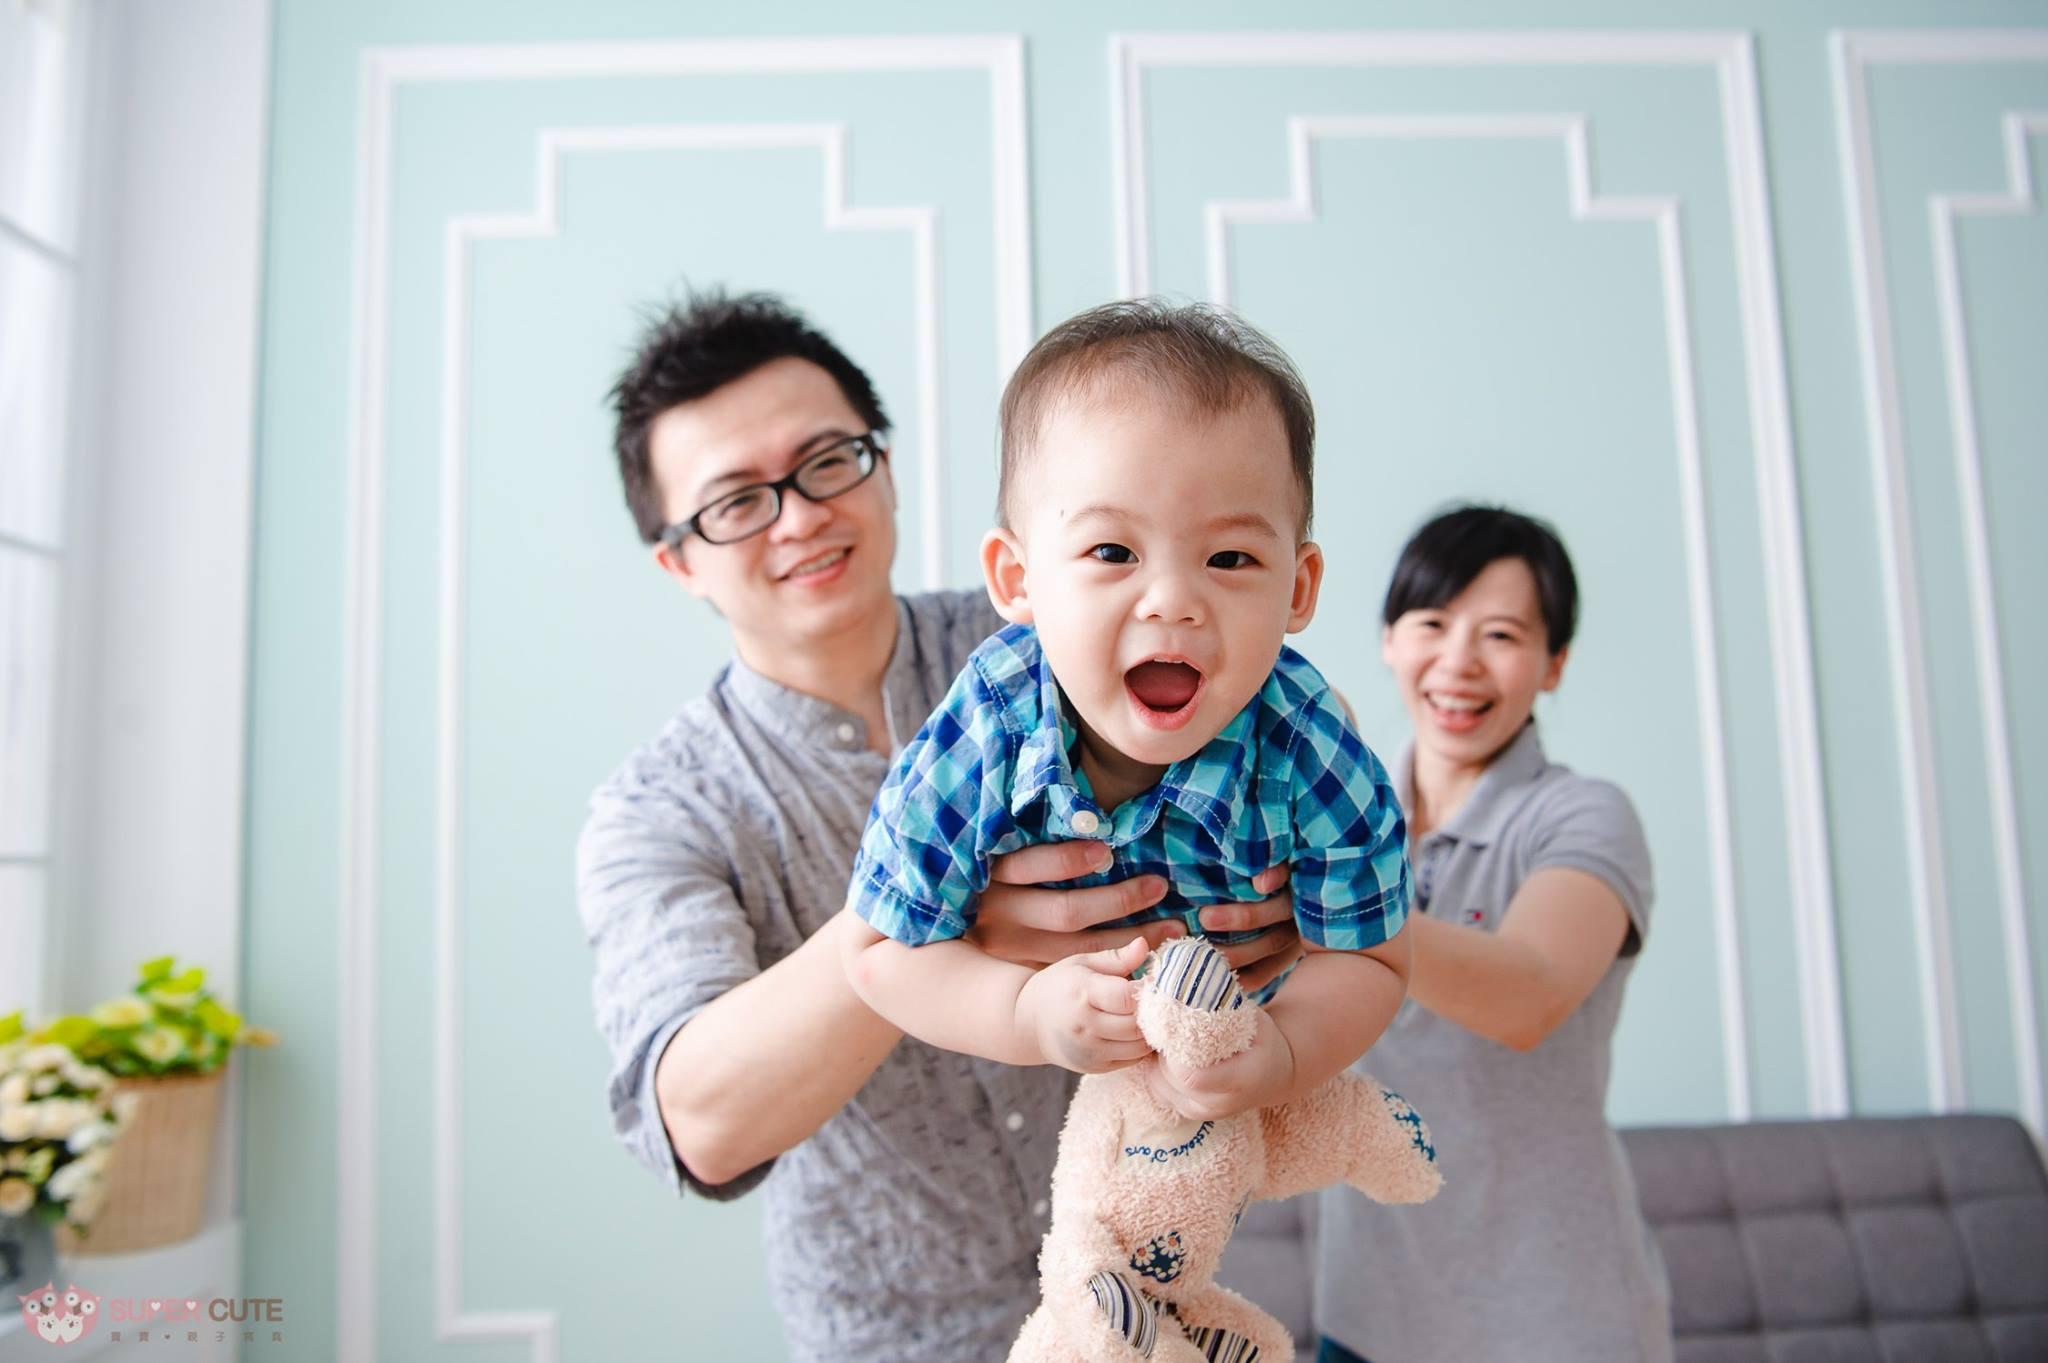 寶寶寫真,親子寫真,兒童寫真,super cute,小朱爸